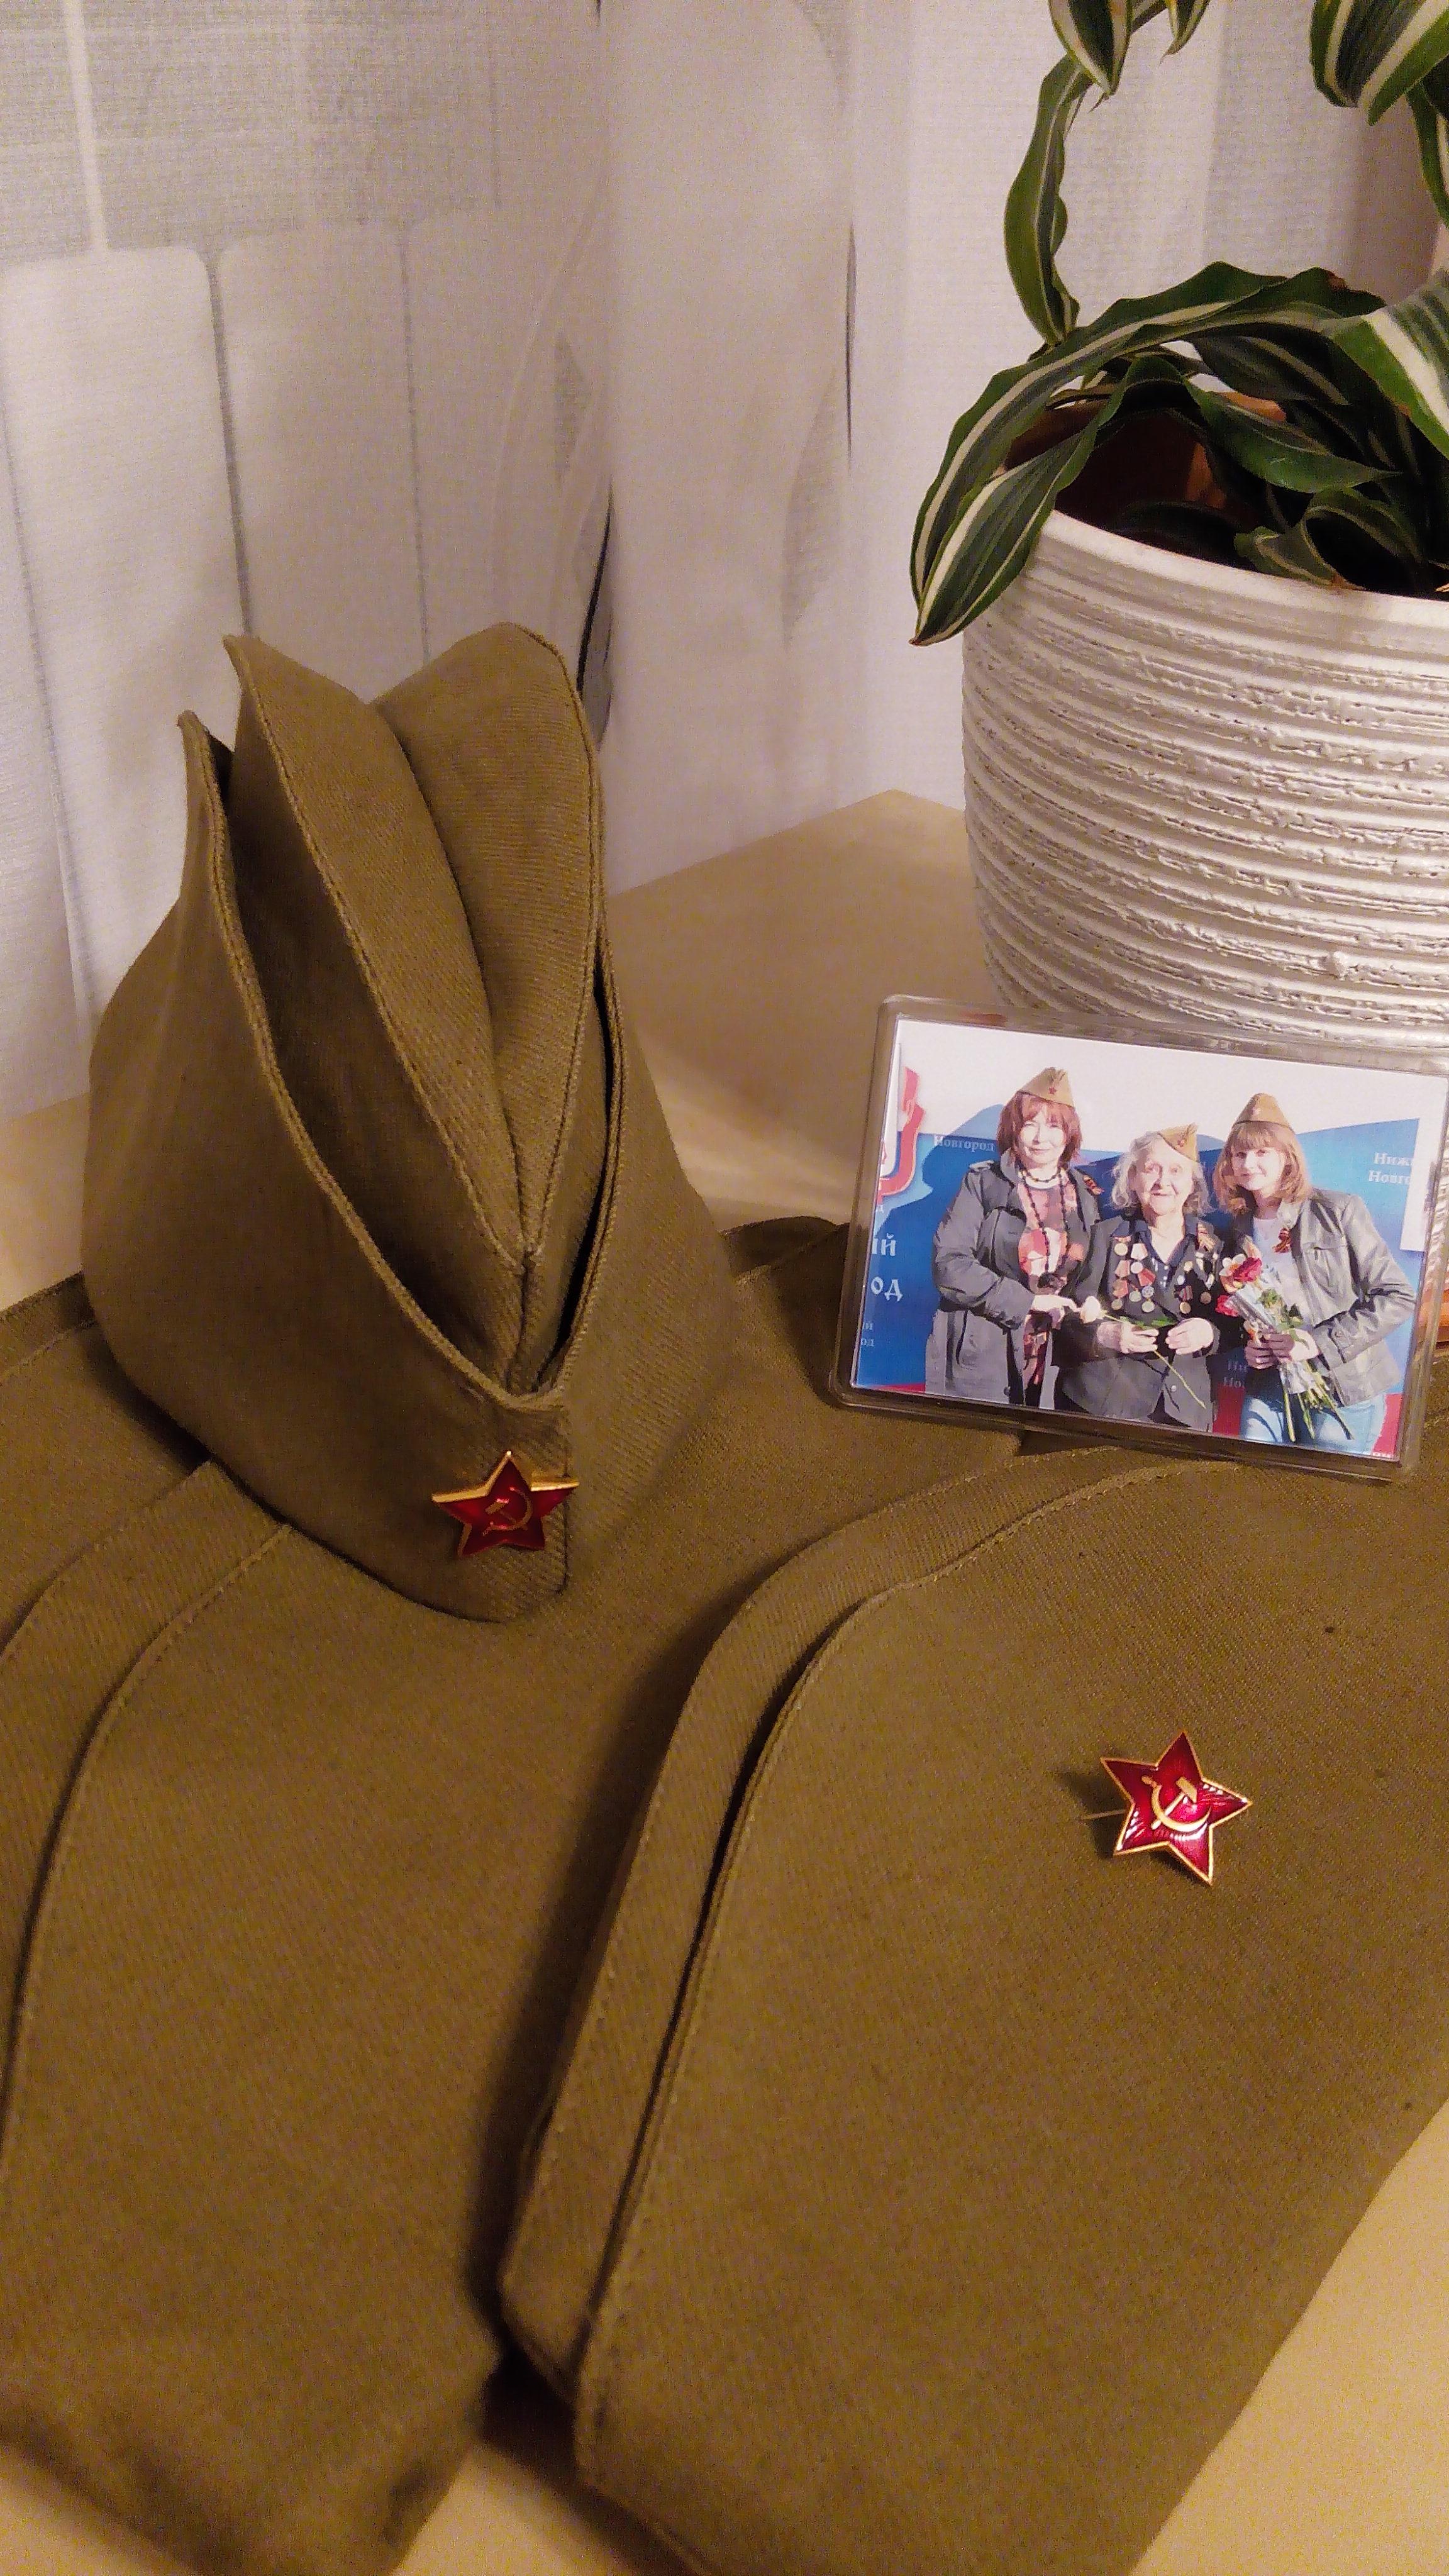 Продаем солдатские пилотки, новые, со звездой. в розницу. 300р